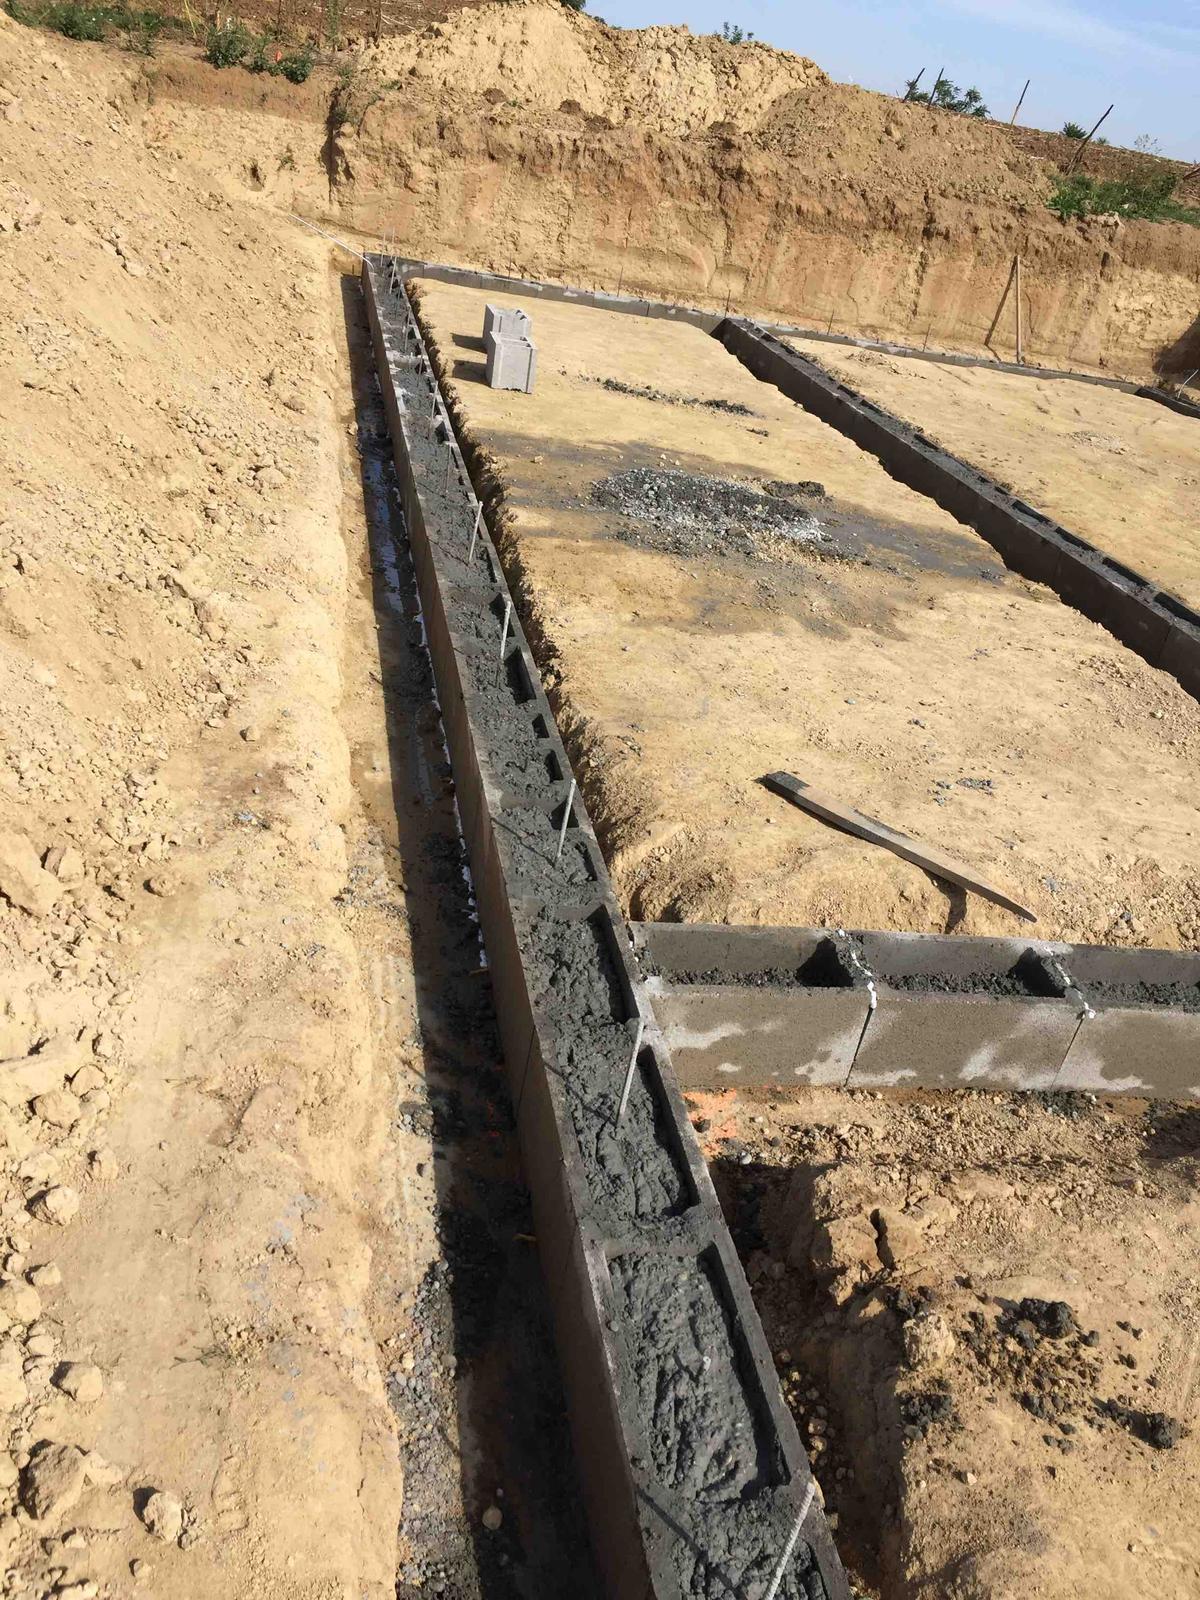 Srnka v Hájiku - 13.9.2018 - DT zaliate :) tento rad som lial ako prvy a s pumpou som robil prvy krat v zivote, tak som to mierne preplnil, ale pumpar vravel ze je to OK a ten uz nejaky ten kubik betonu videl, tak mu budem verit :)